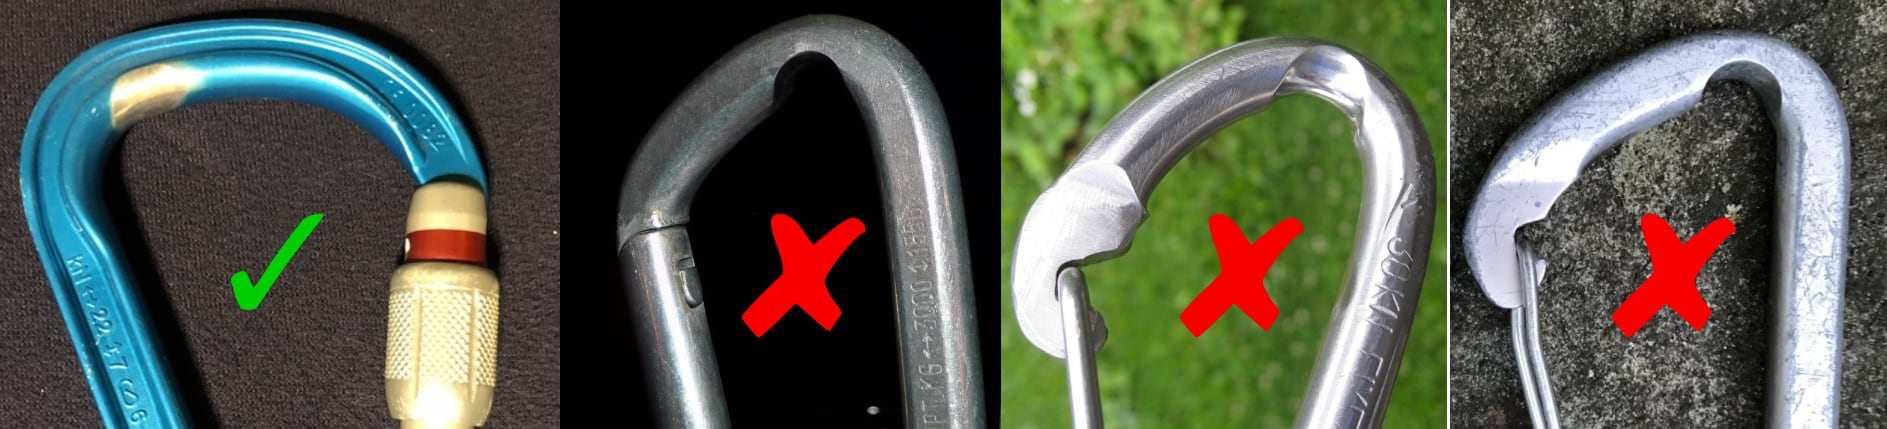 worn carabiner examples